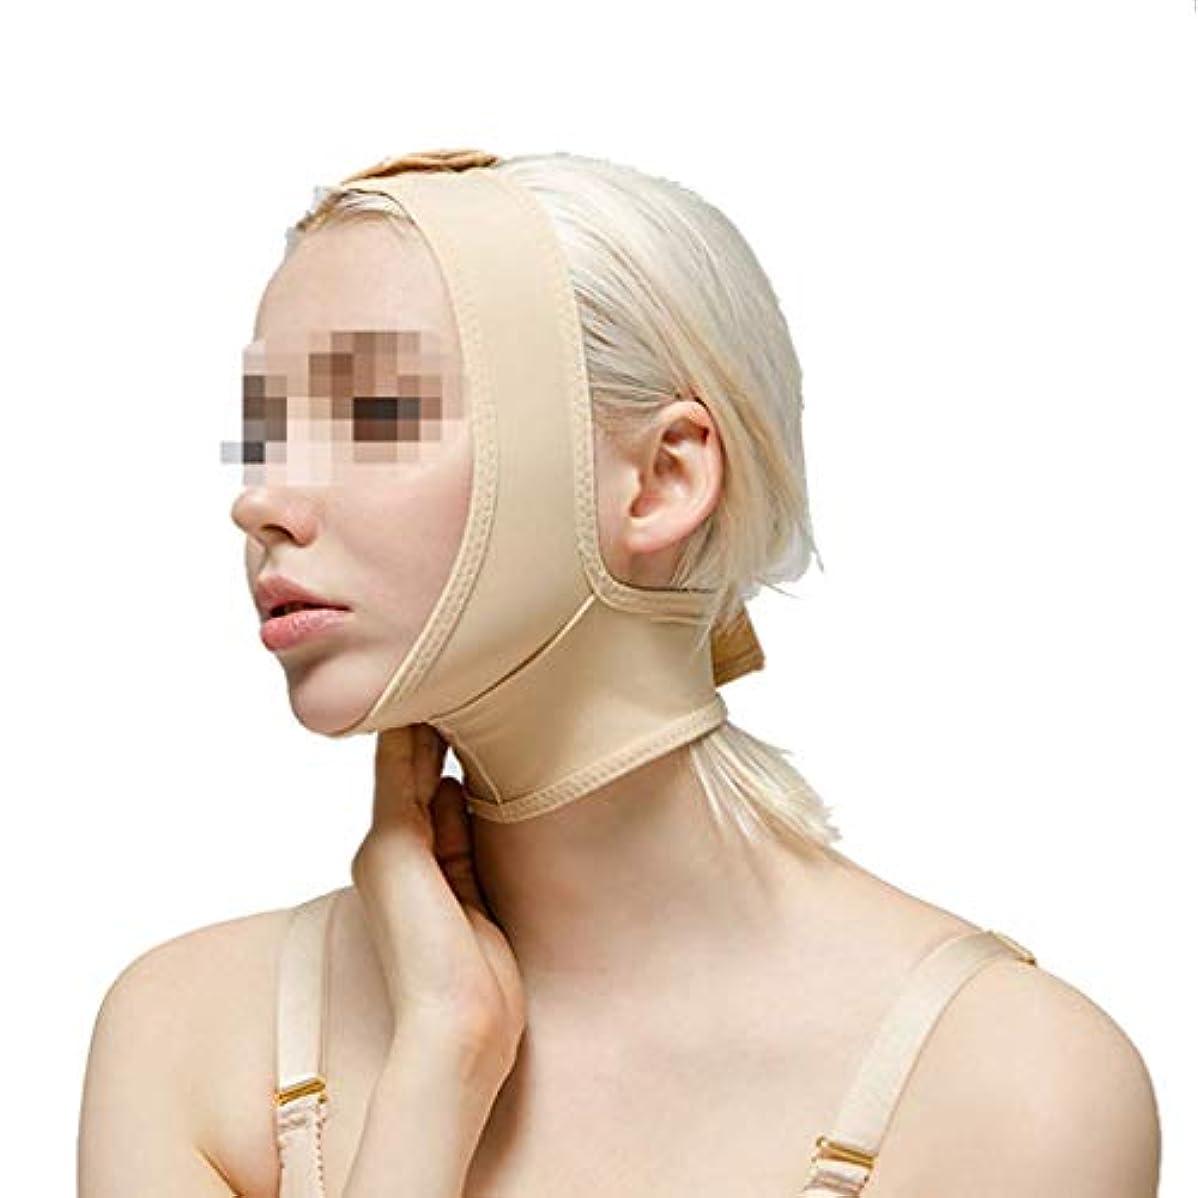 術後伸縮性スリーブ、下顎束フェイスバンデージフェイシャルビームダブルチンシンフェイスマスクマルチサイズオプション(サイズ:L),M